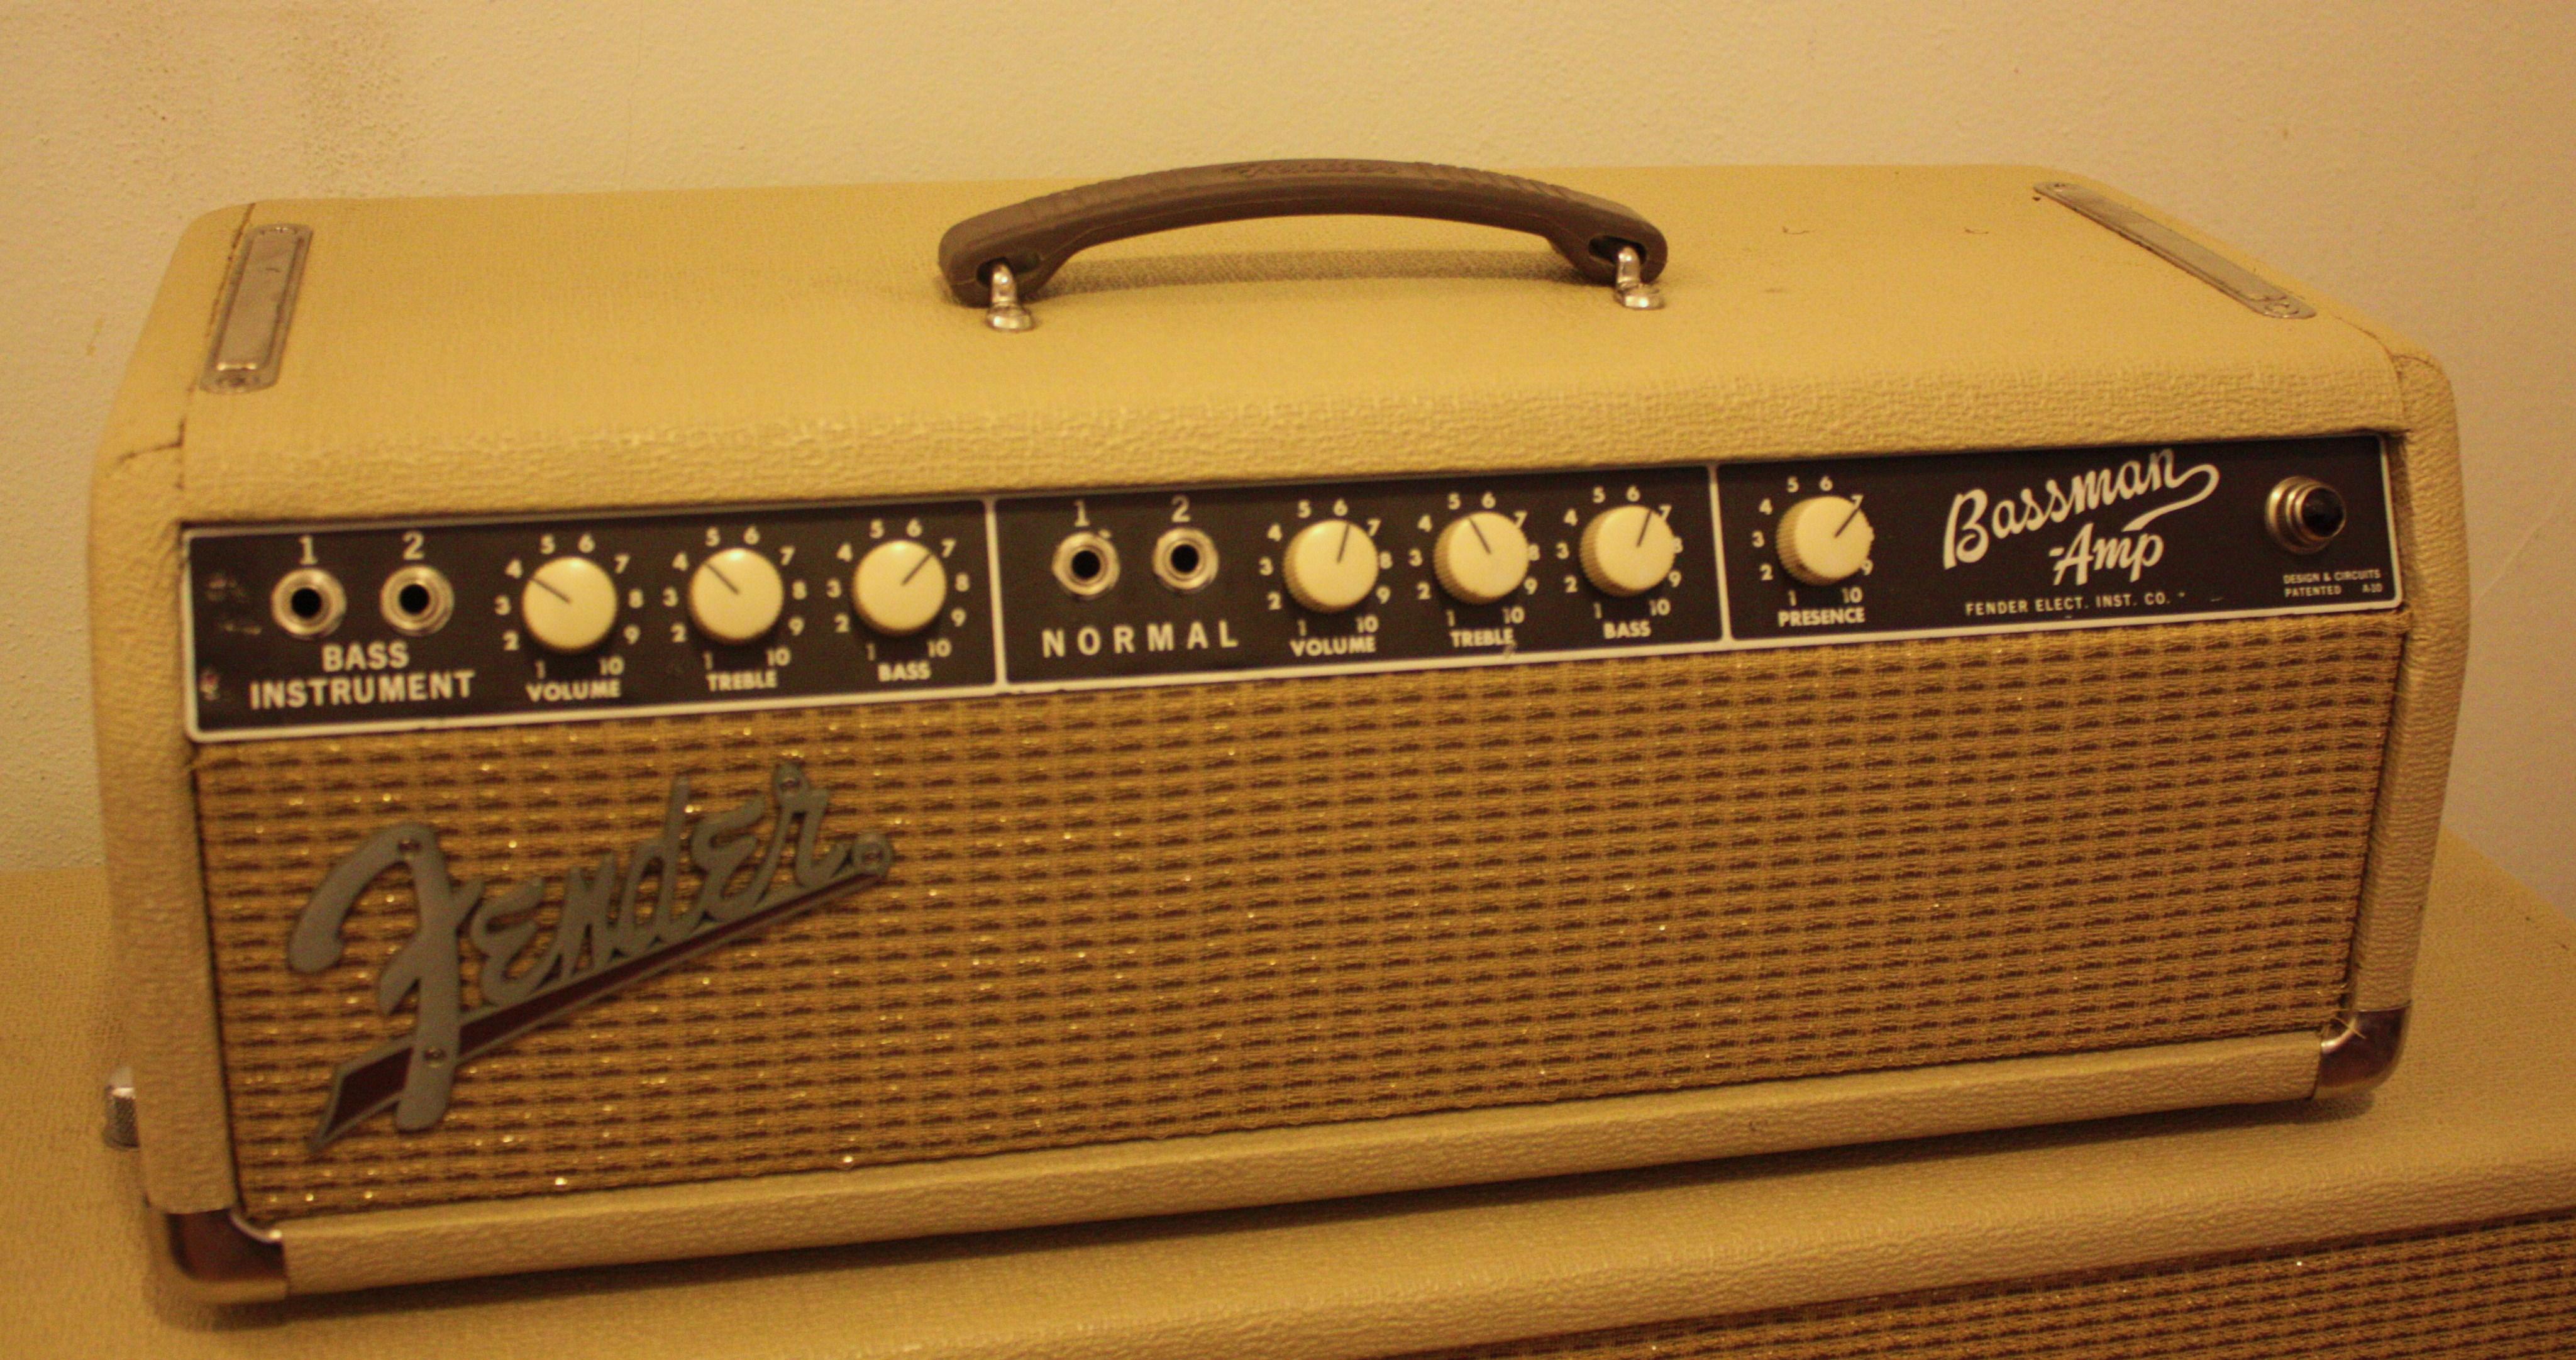 le meilleur son blues avis fender bassman 1963. Black Bedroom Furniture Sets. Home Design Ideas